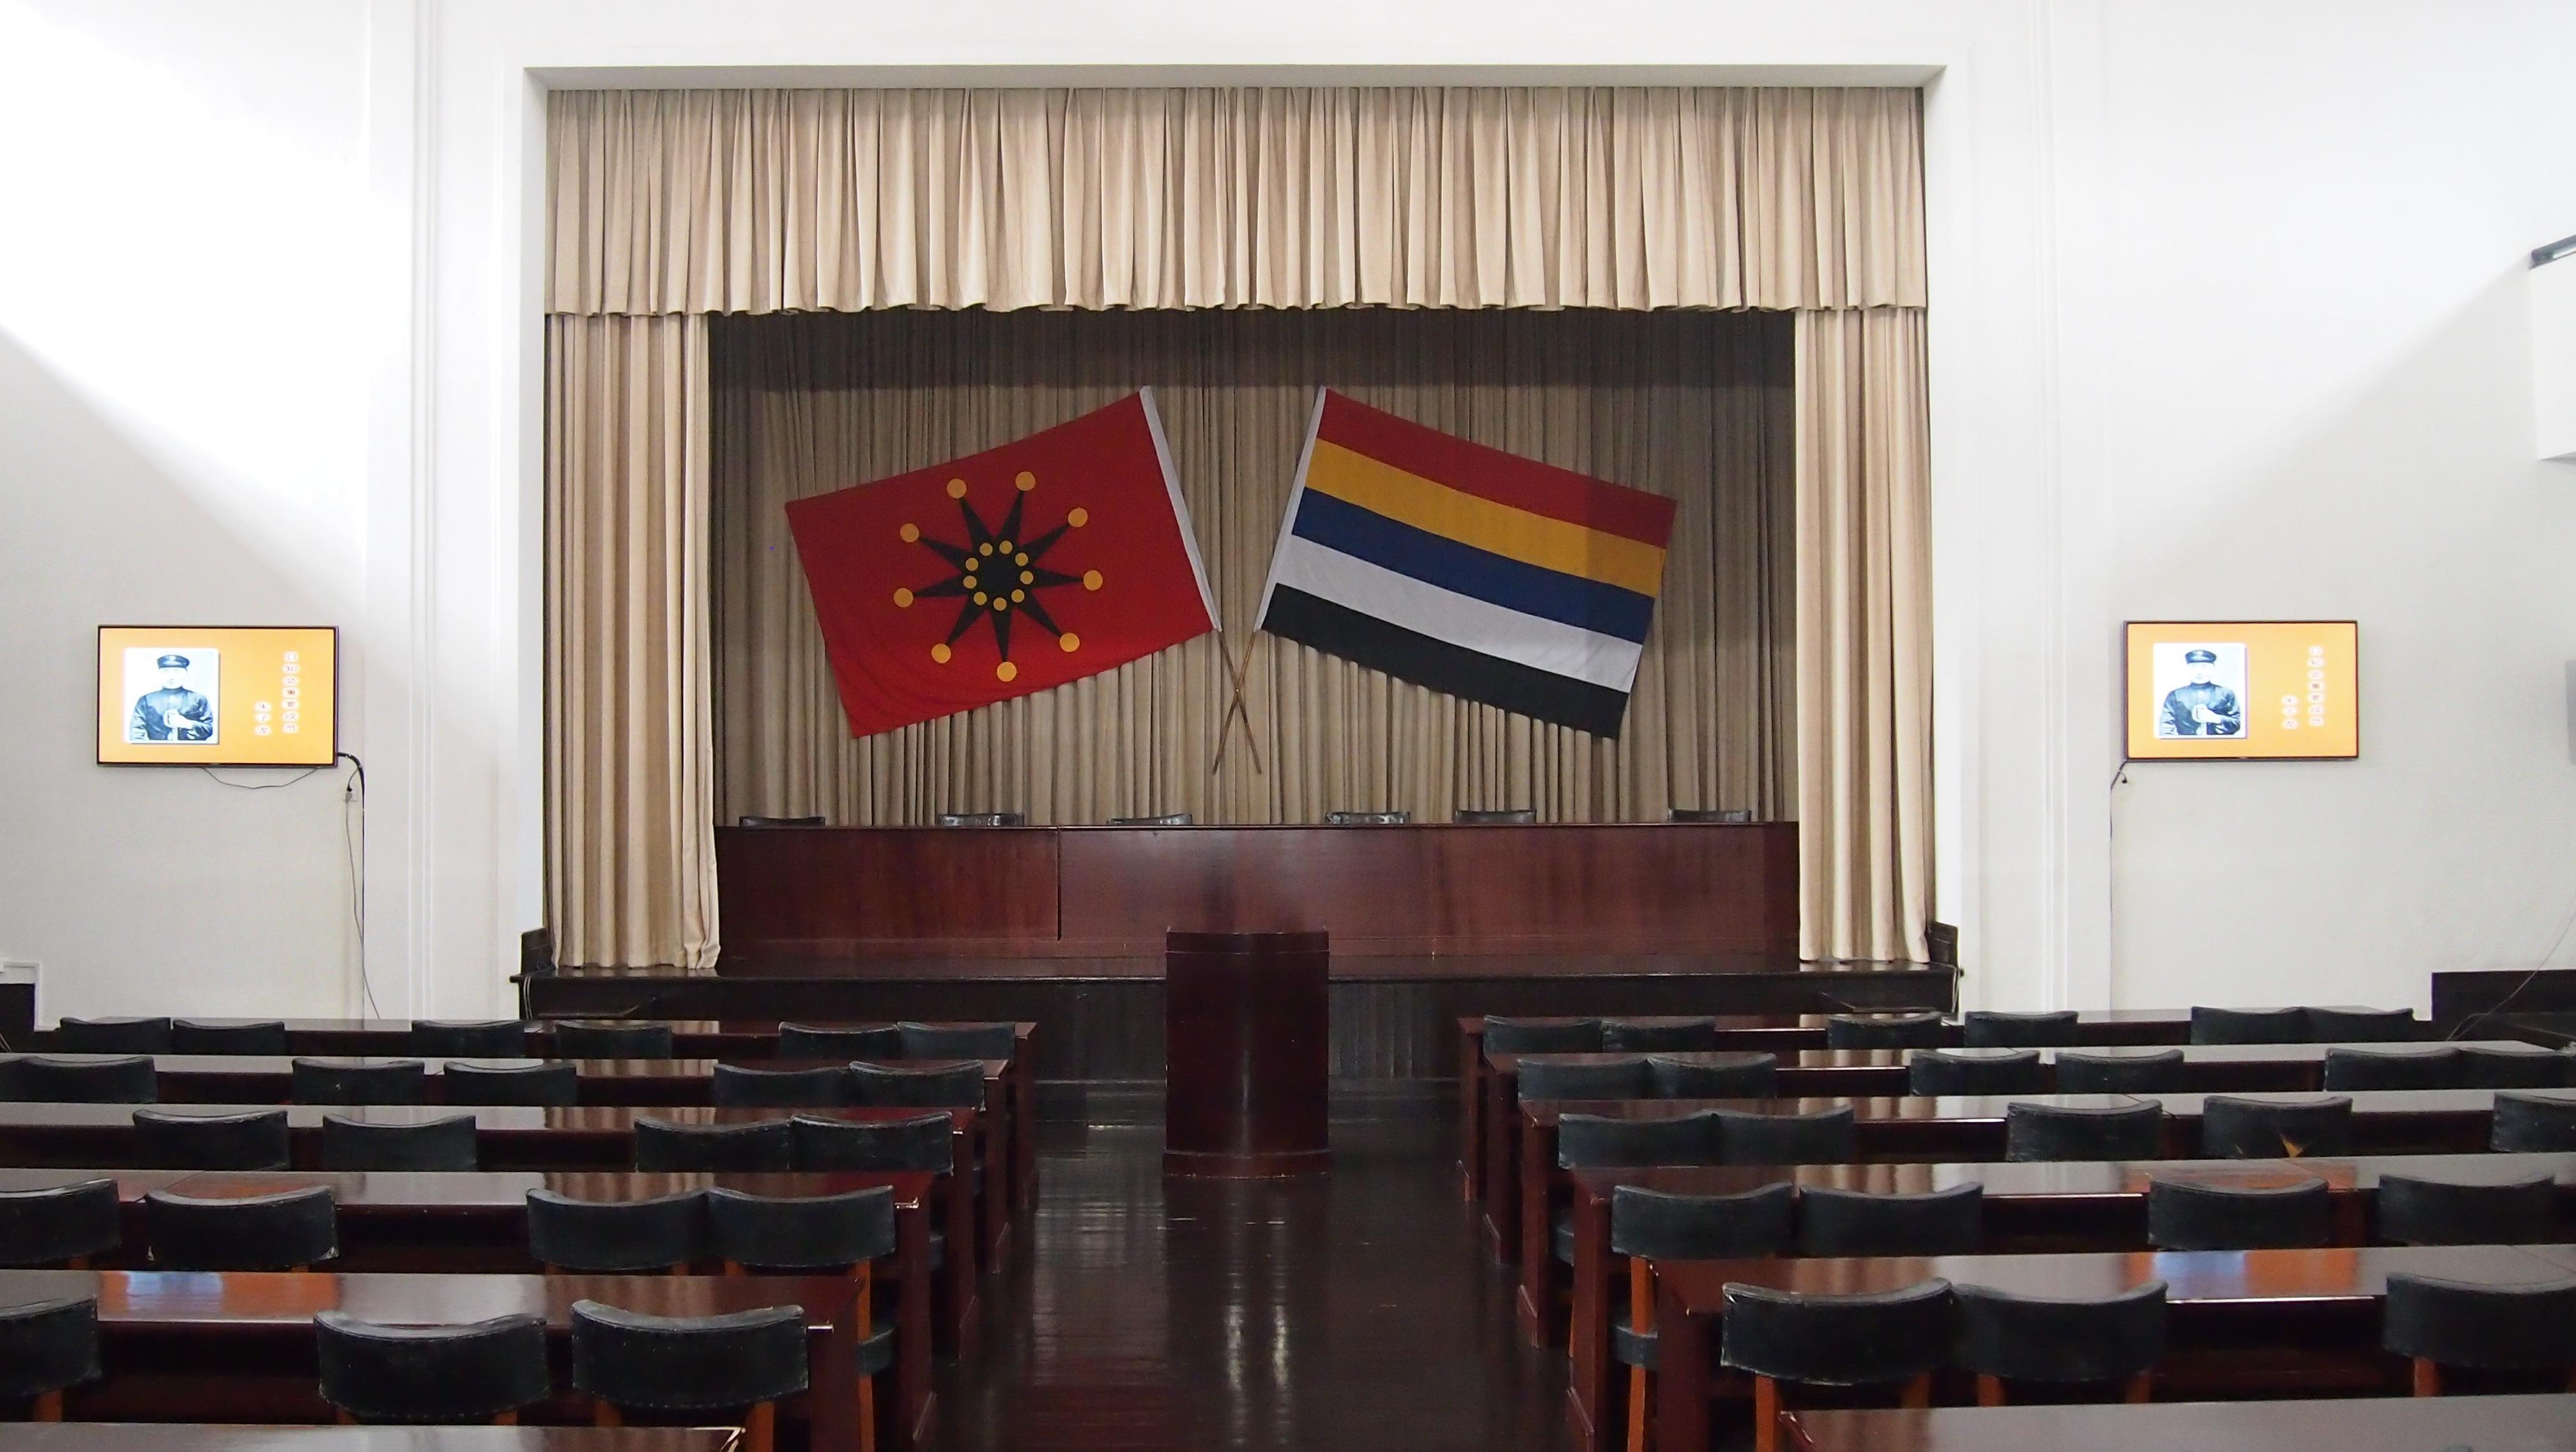 Innenarchitektur Geschichte kostenlose foto auditorium klassenzimmer innenarchitektur